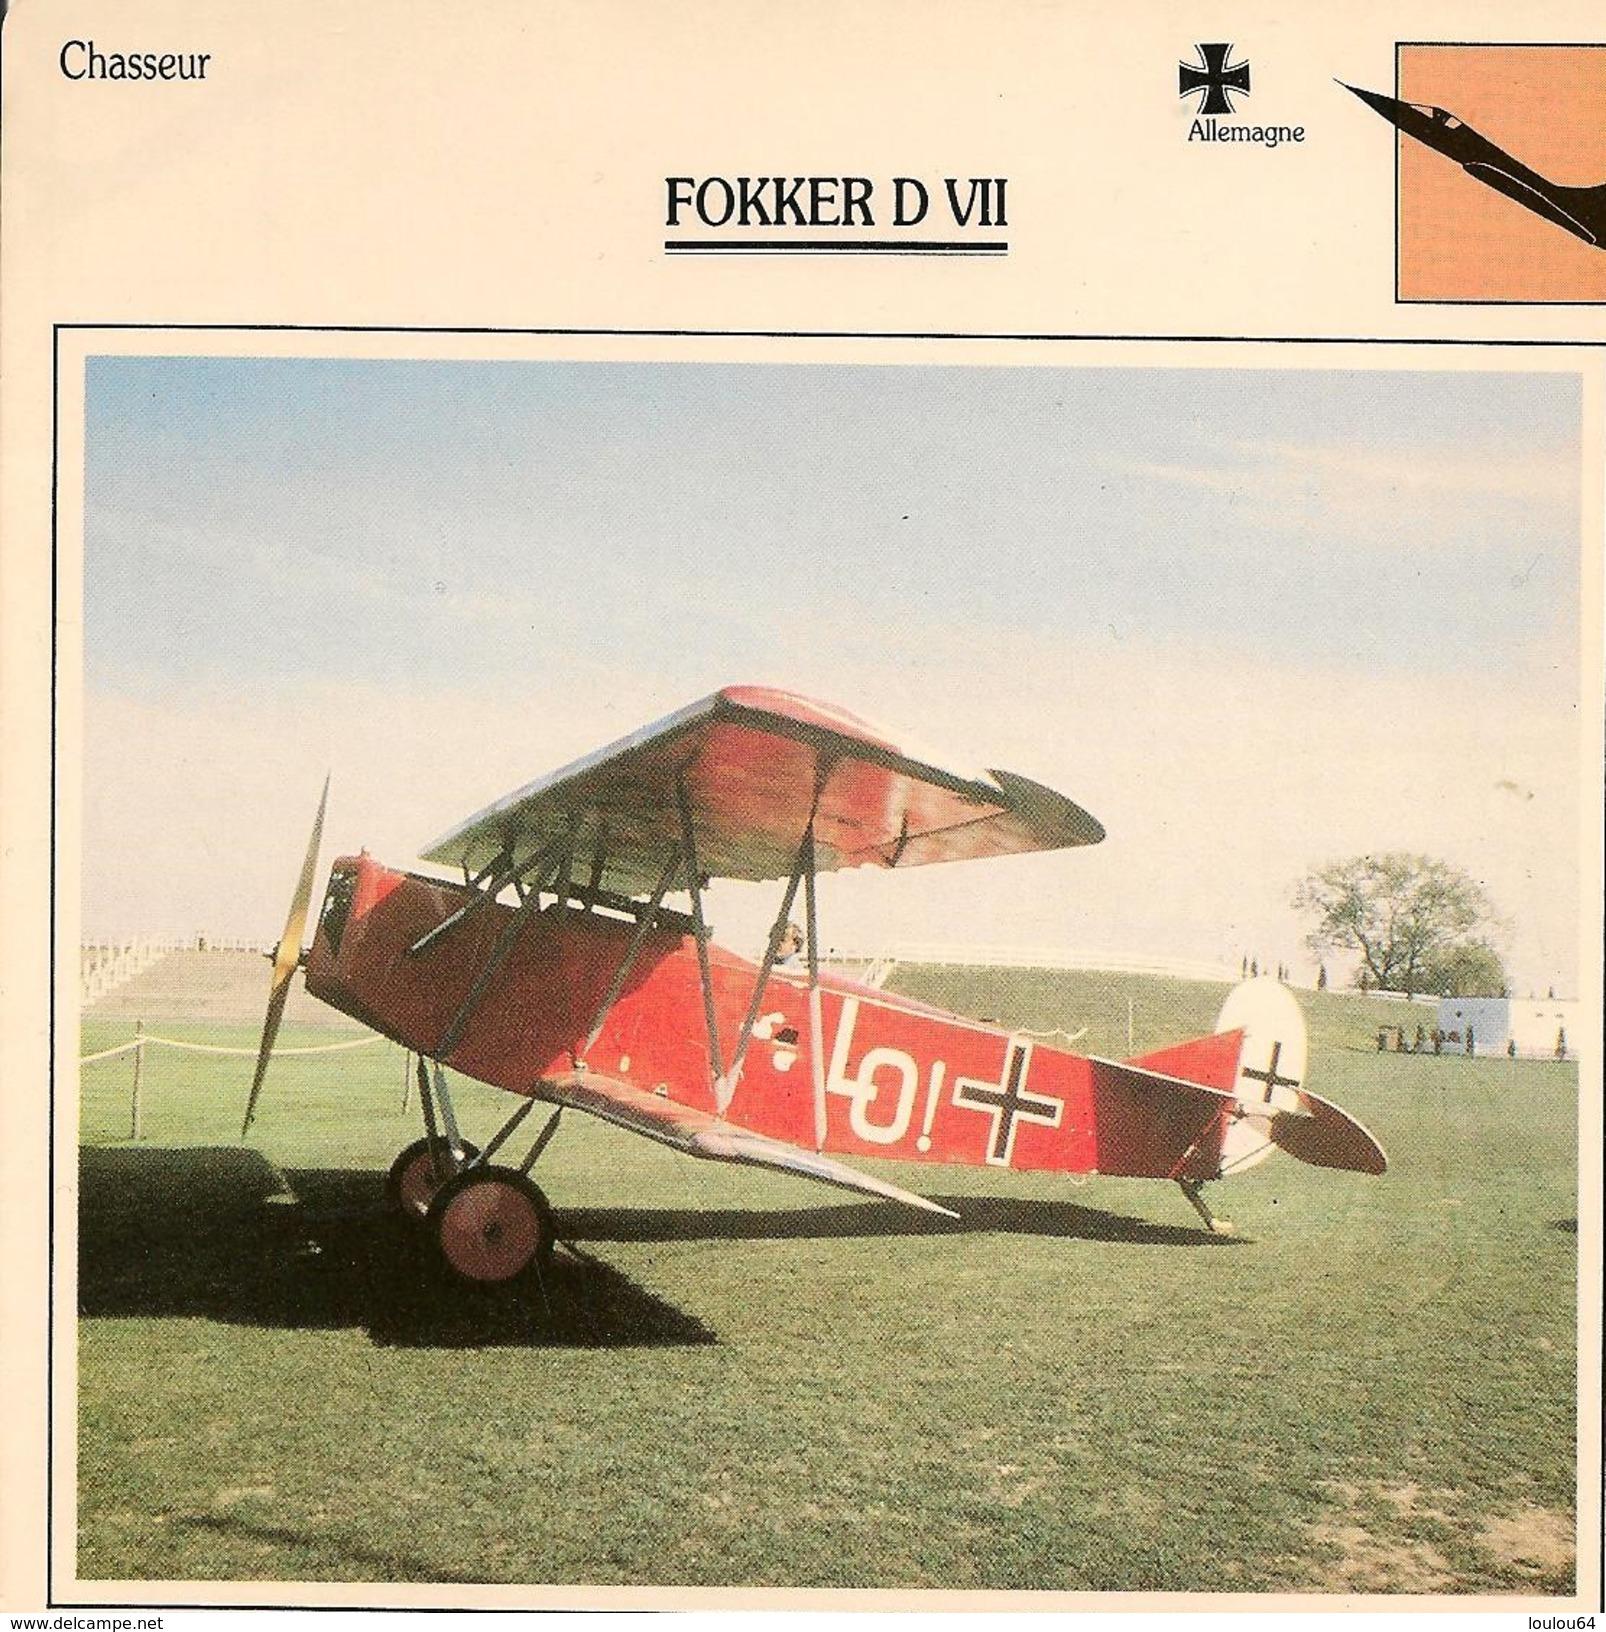 Fiches Illustrées - Caractéristiques Avions - Chasseur - FOKKER D VII - Allemagne - (01) - - Aviation